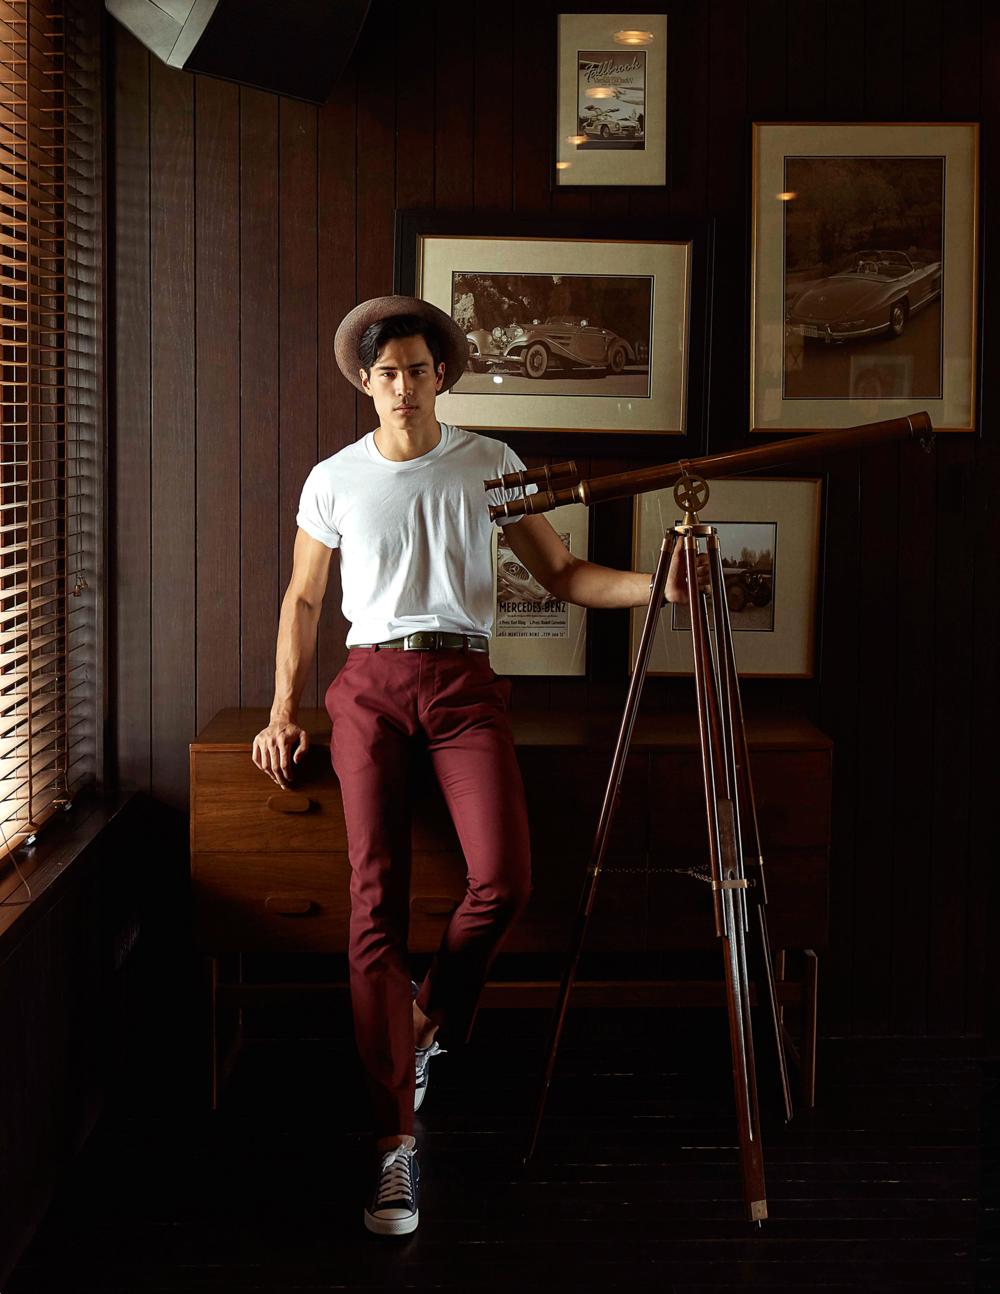 tshirt : JOCKEY / pants : CV_Homme / hat : Famosa_Andina